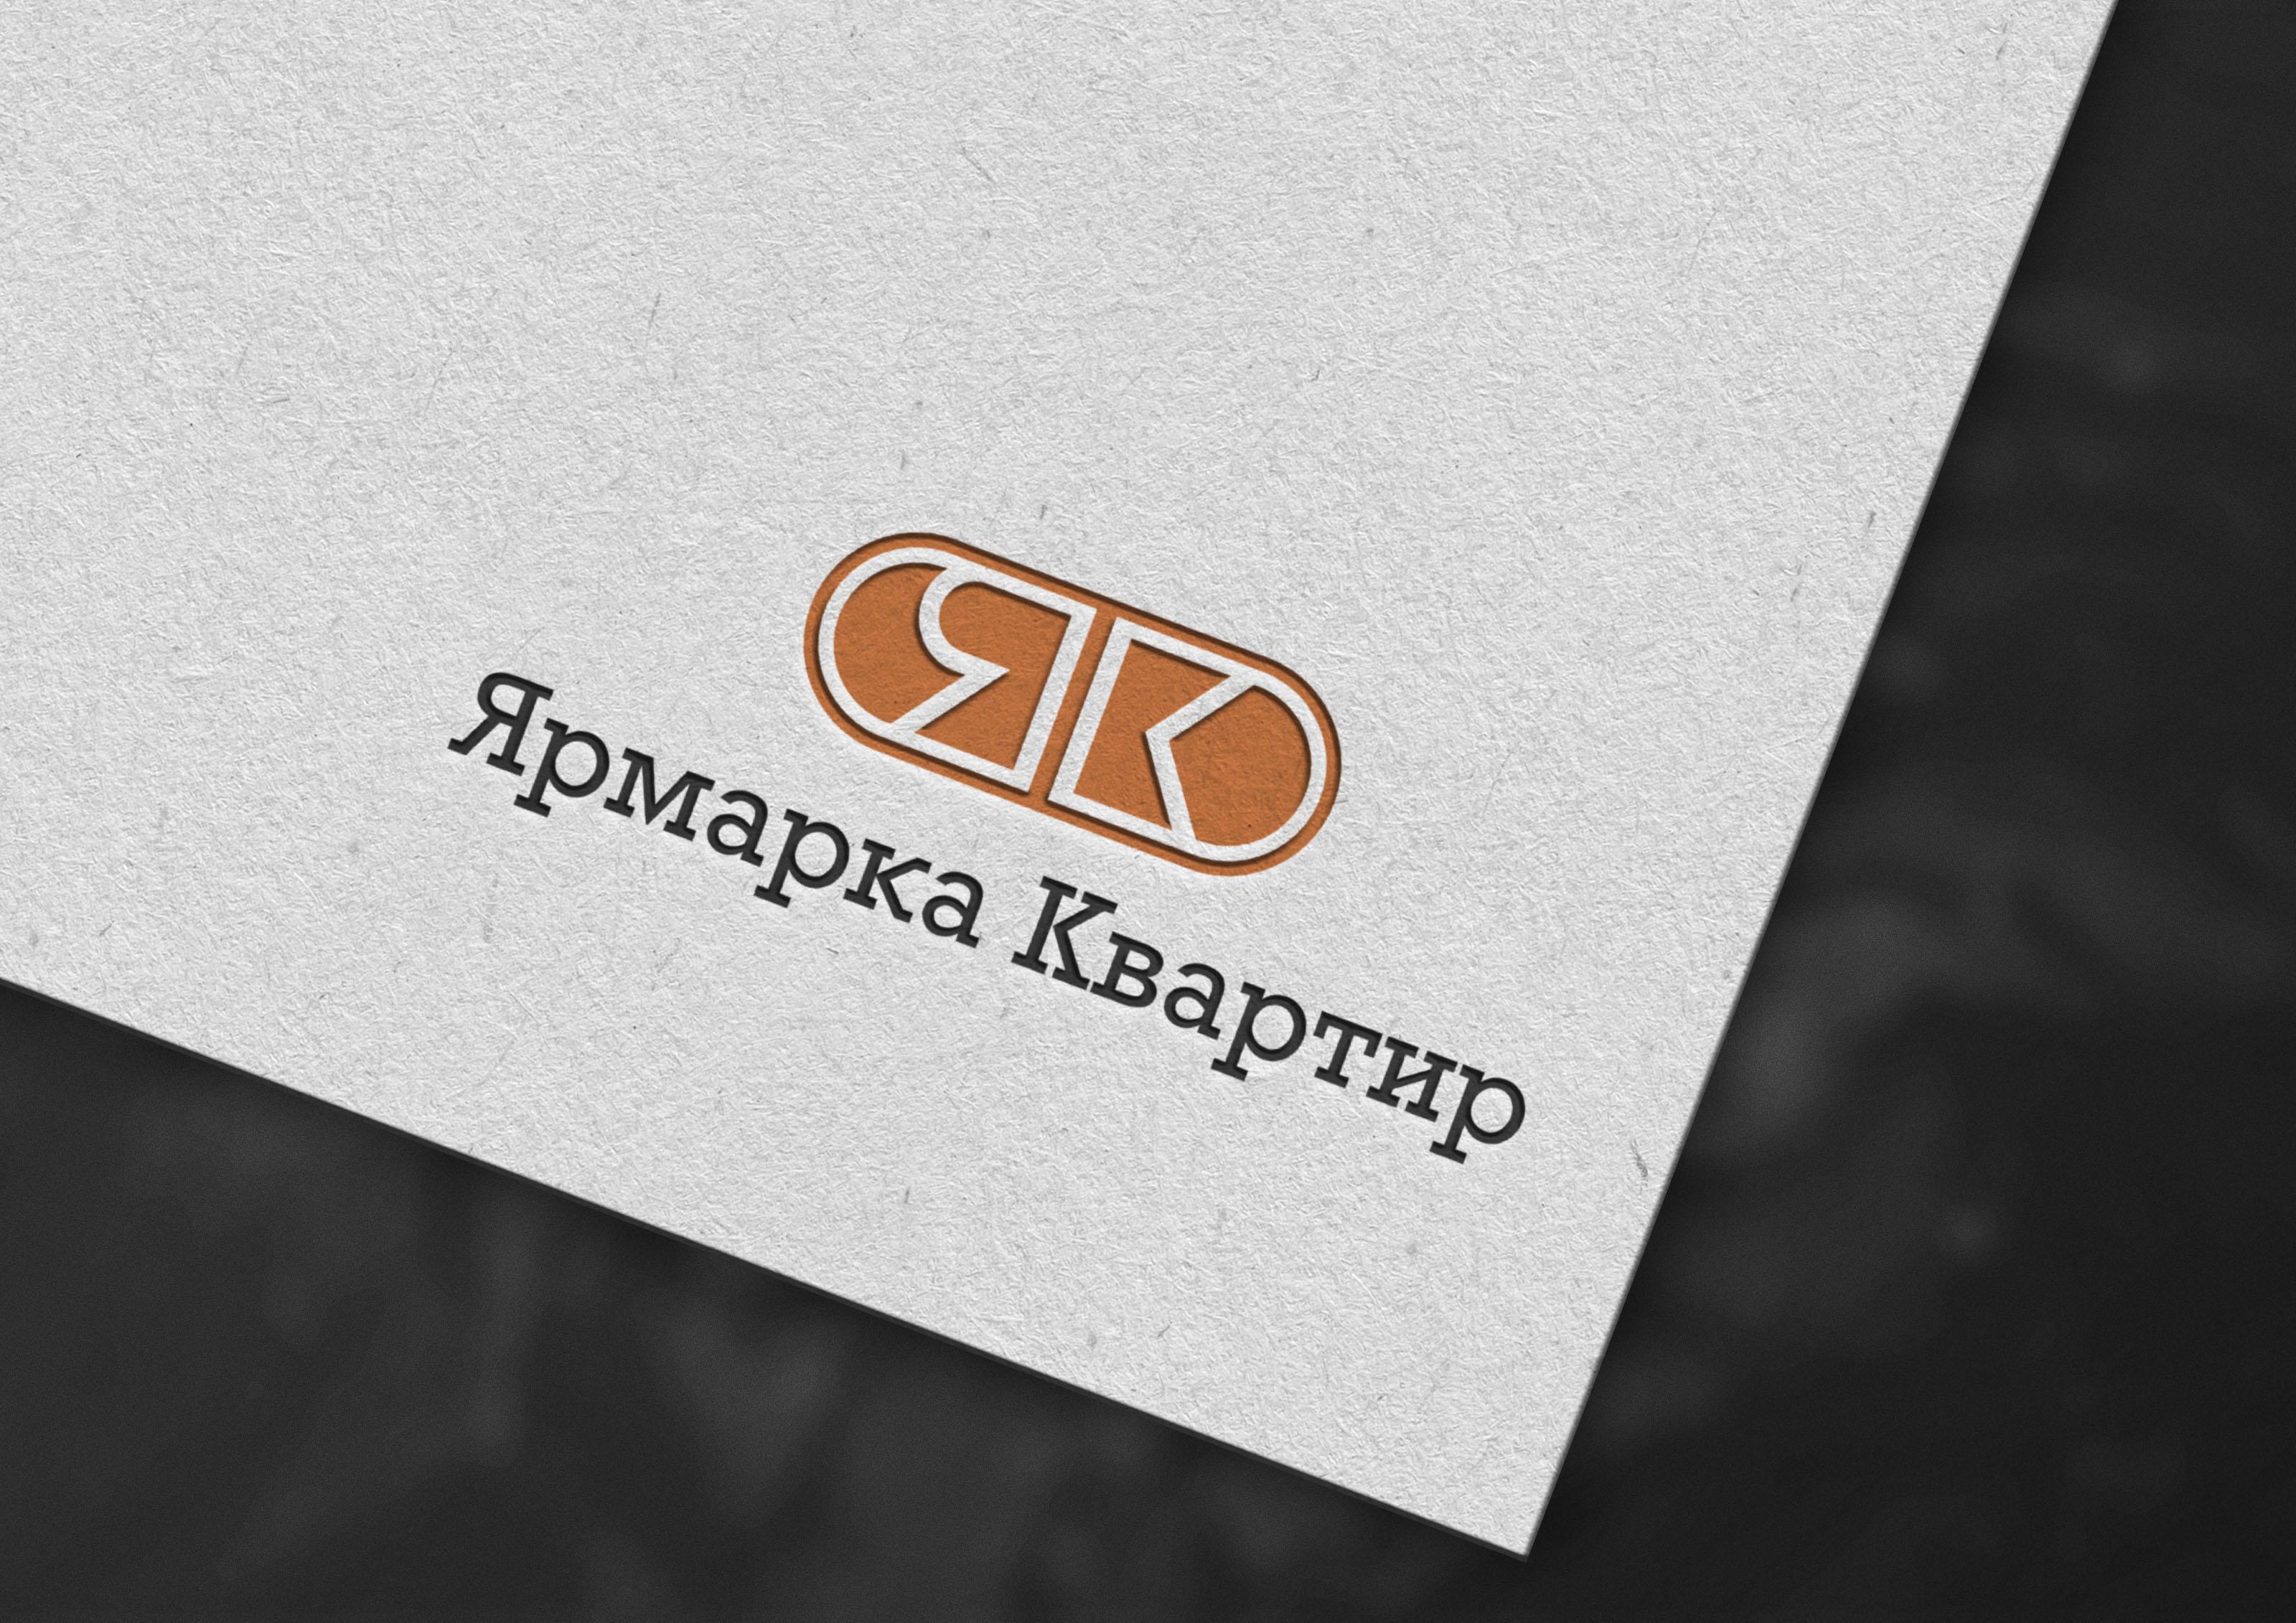 Создание логотипа, с вариантами для визитки и листовки фото f_4356009a8110ac7d.jpg